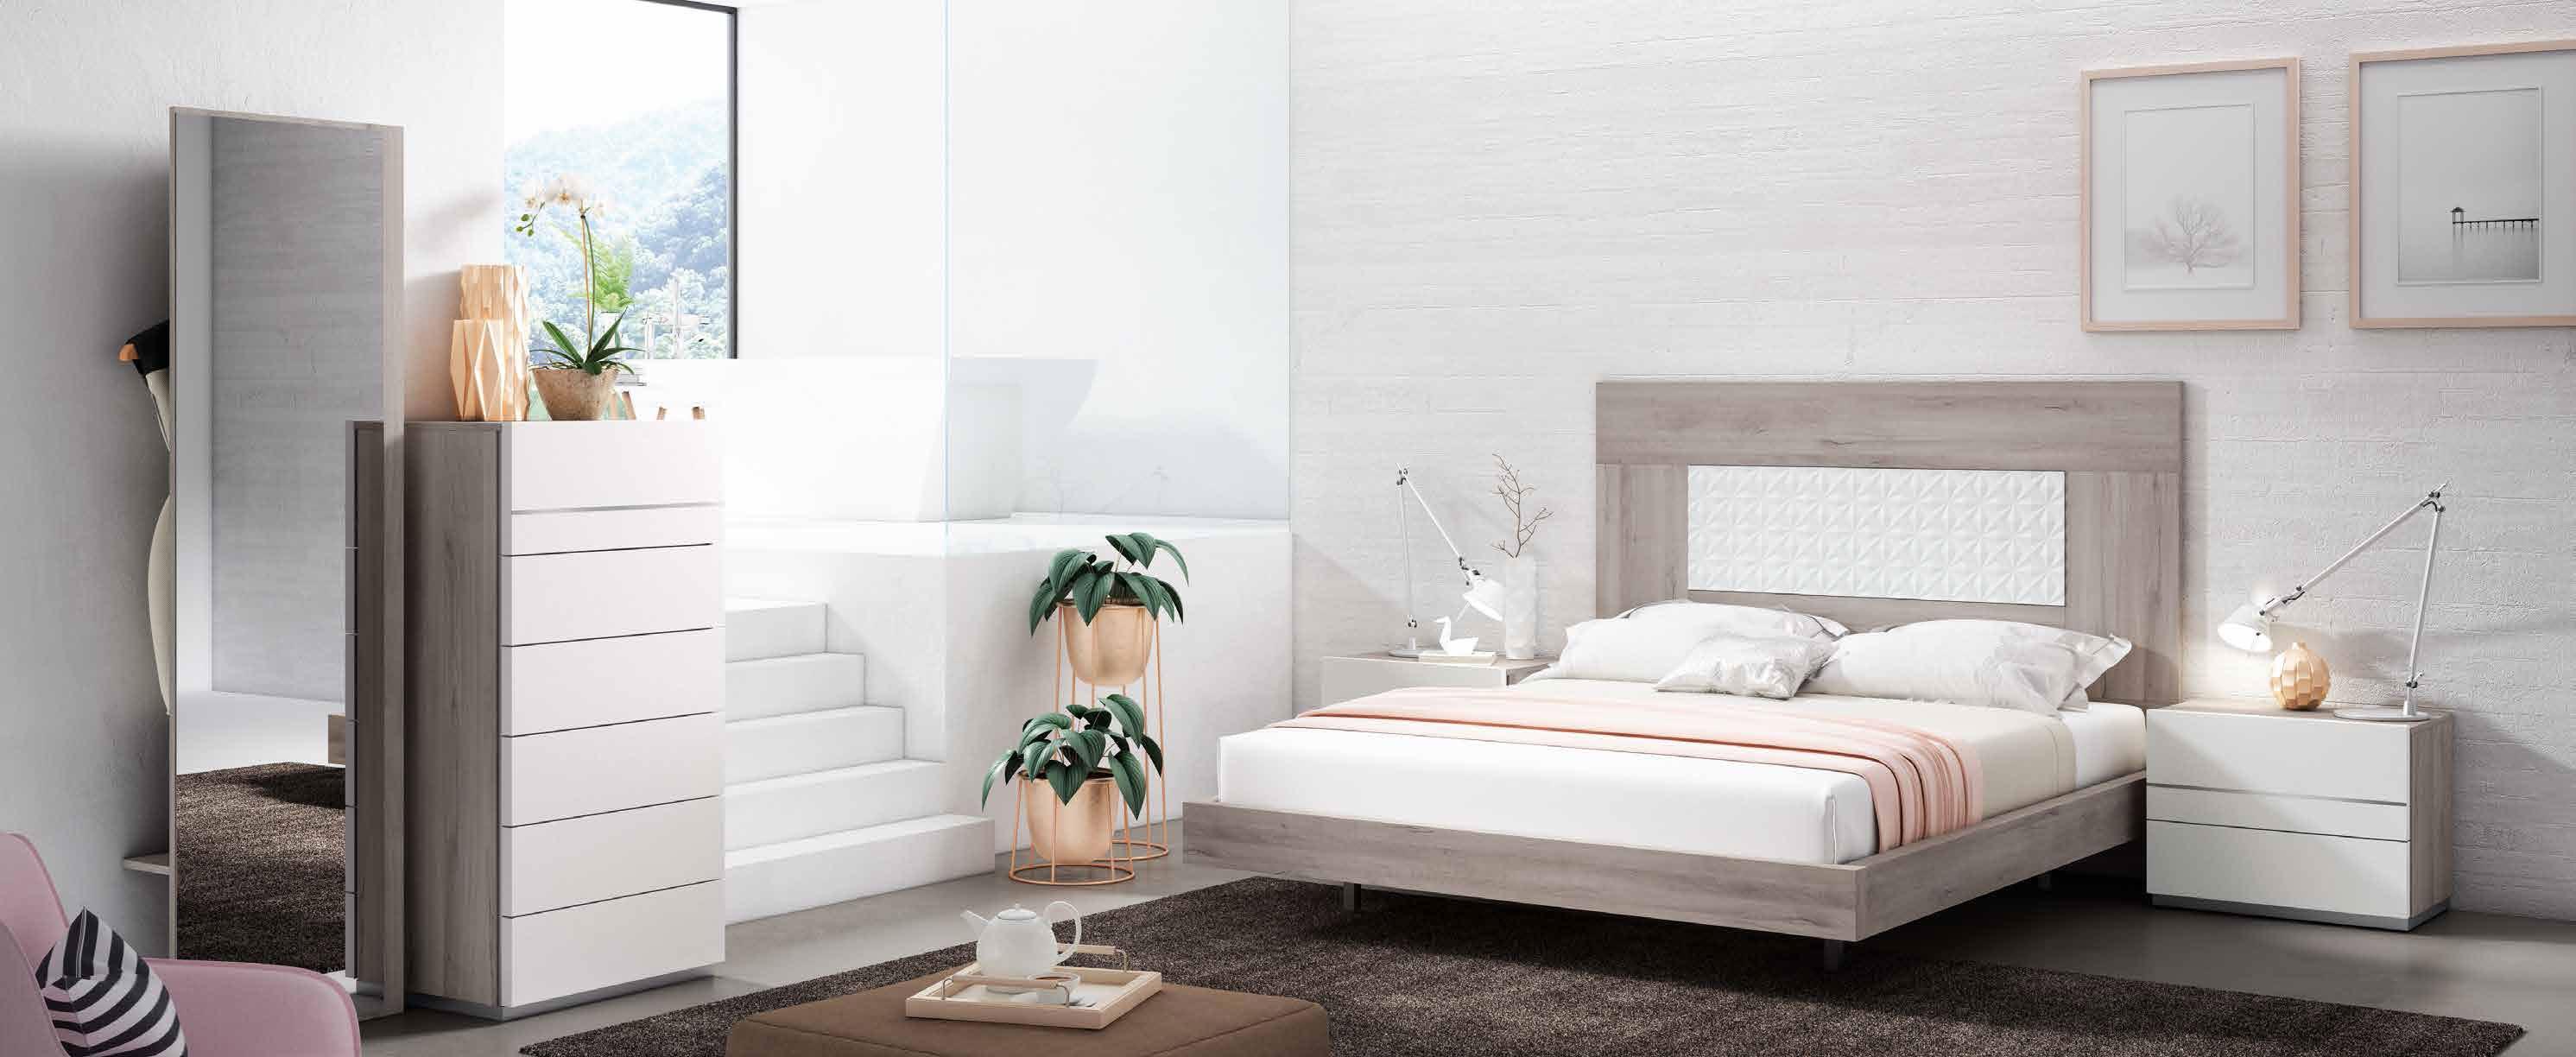 creta-dormitorio-leto-tax-33